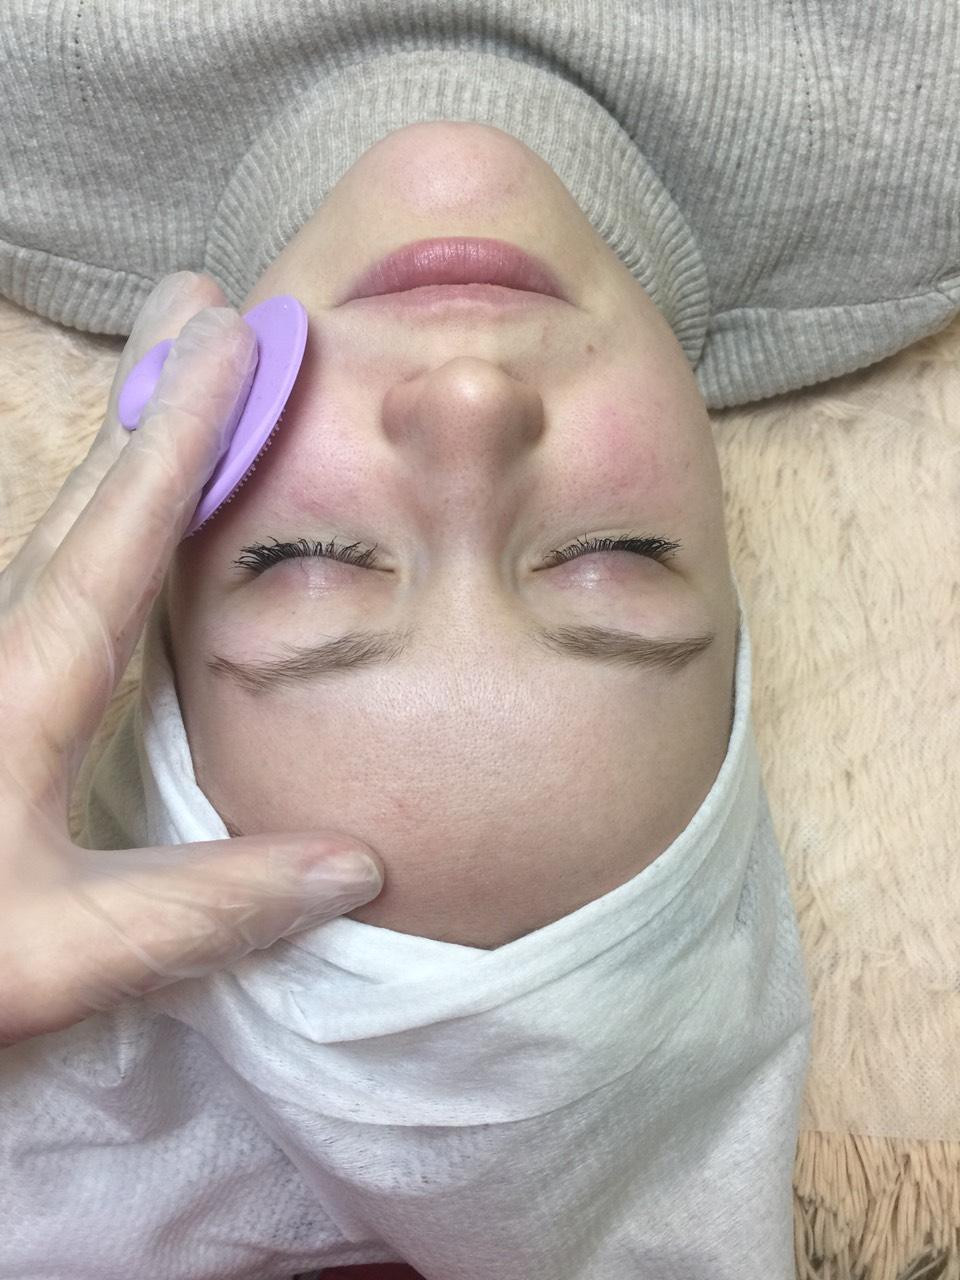 Атравматическая/комбинированная чистка лица, пилинги, уходы, массаж лица и зоны декольте от 20 руб.